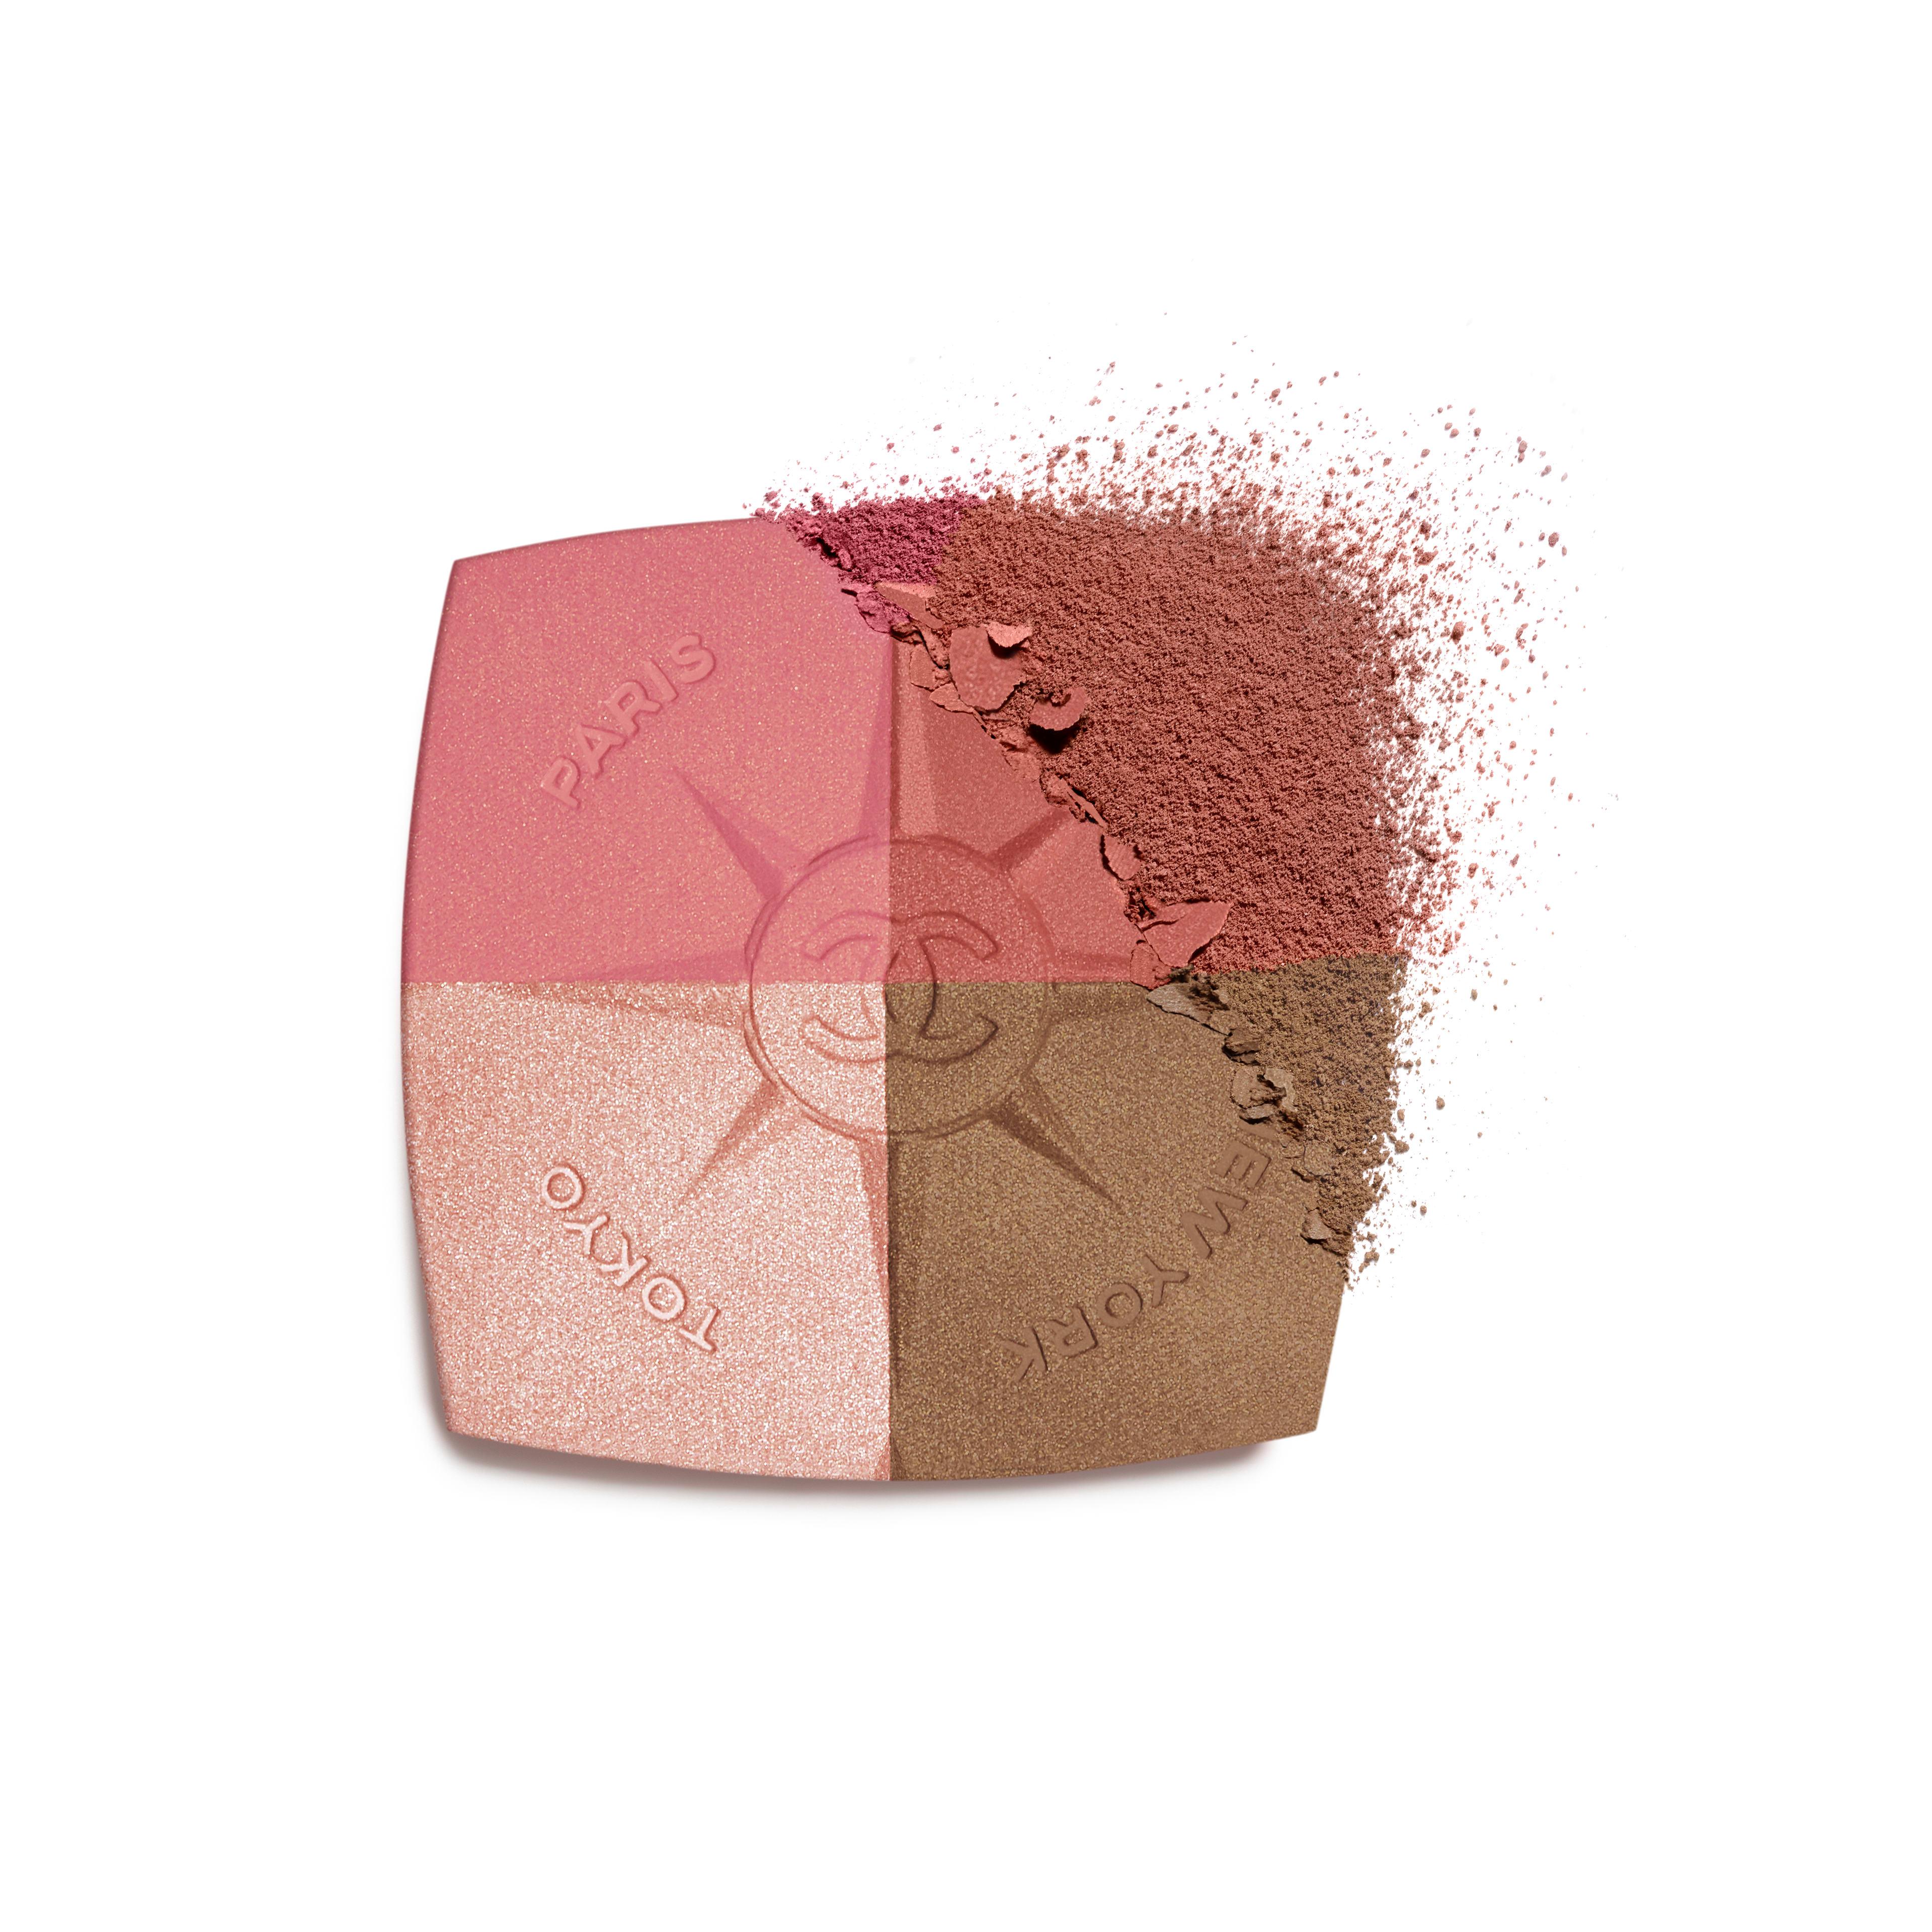 VOYAGE DE CHANEL - makeup - 0.38OZ. - Basic texture view